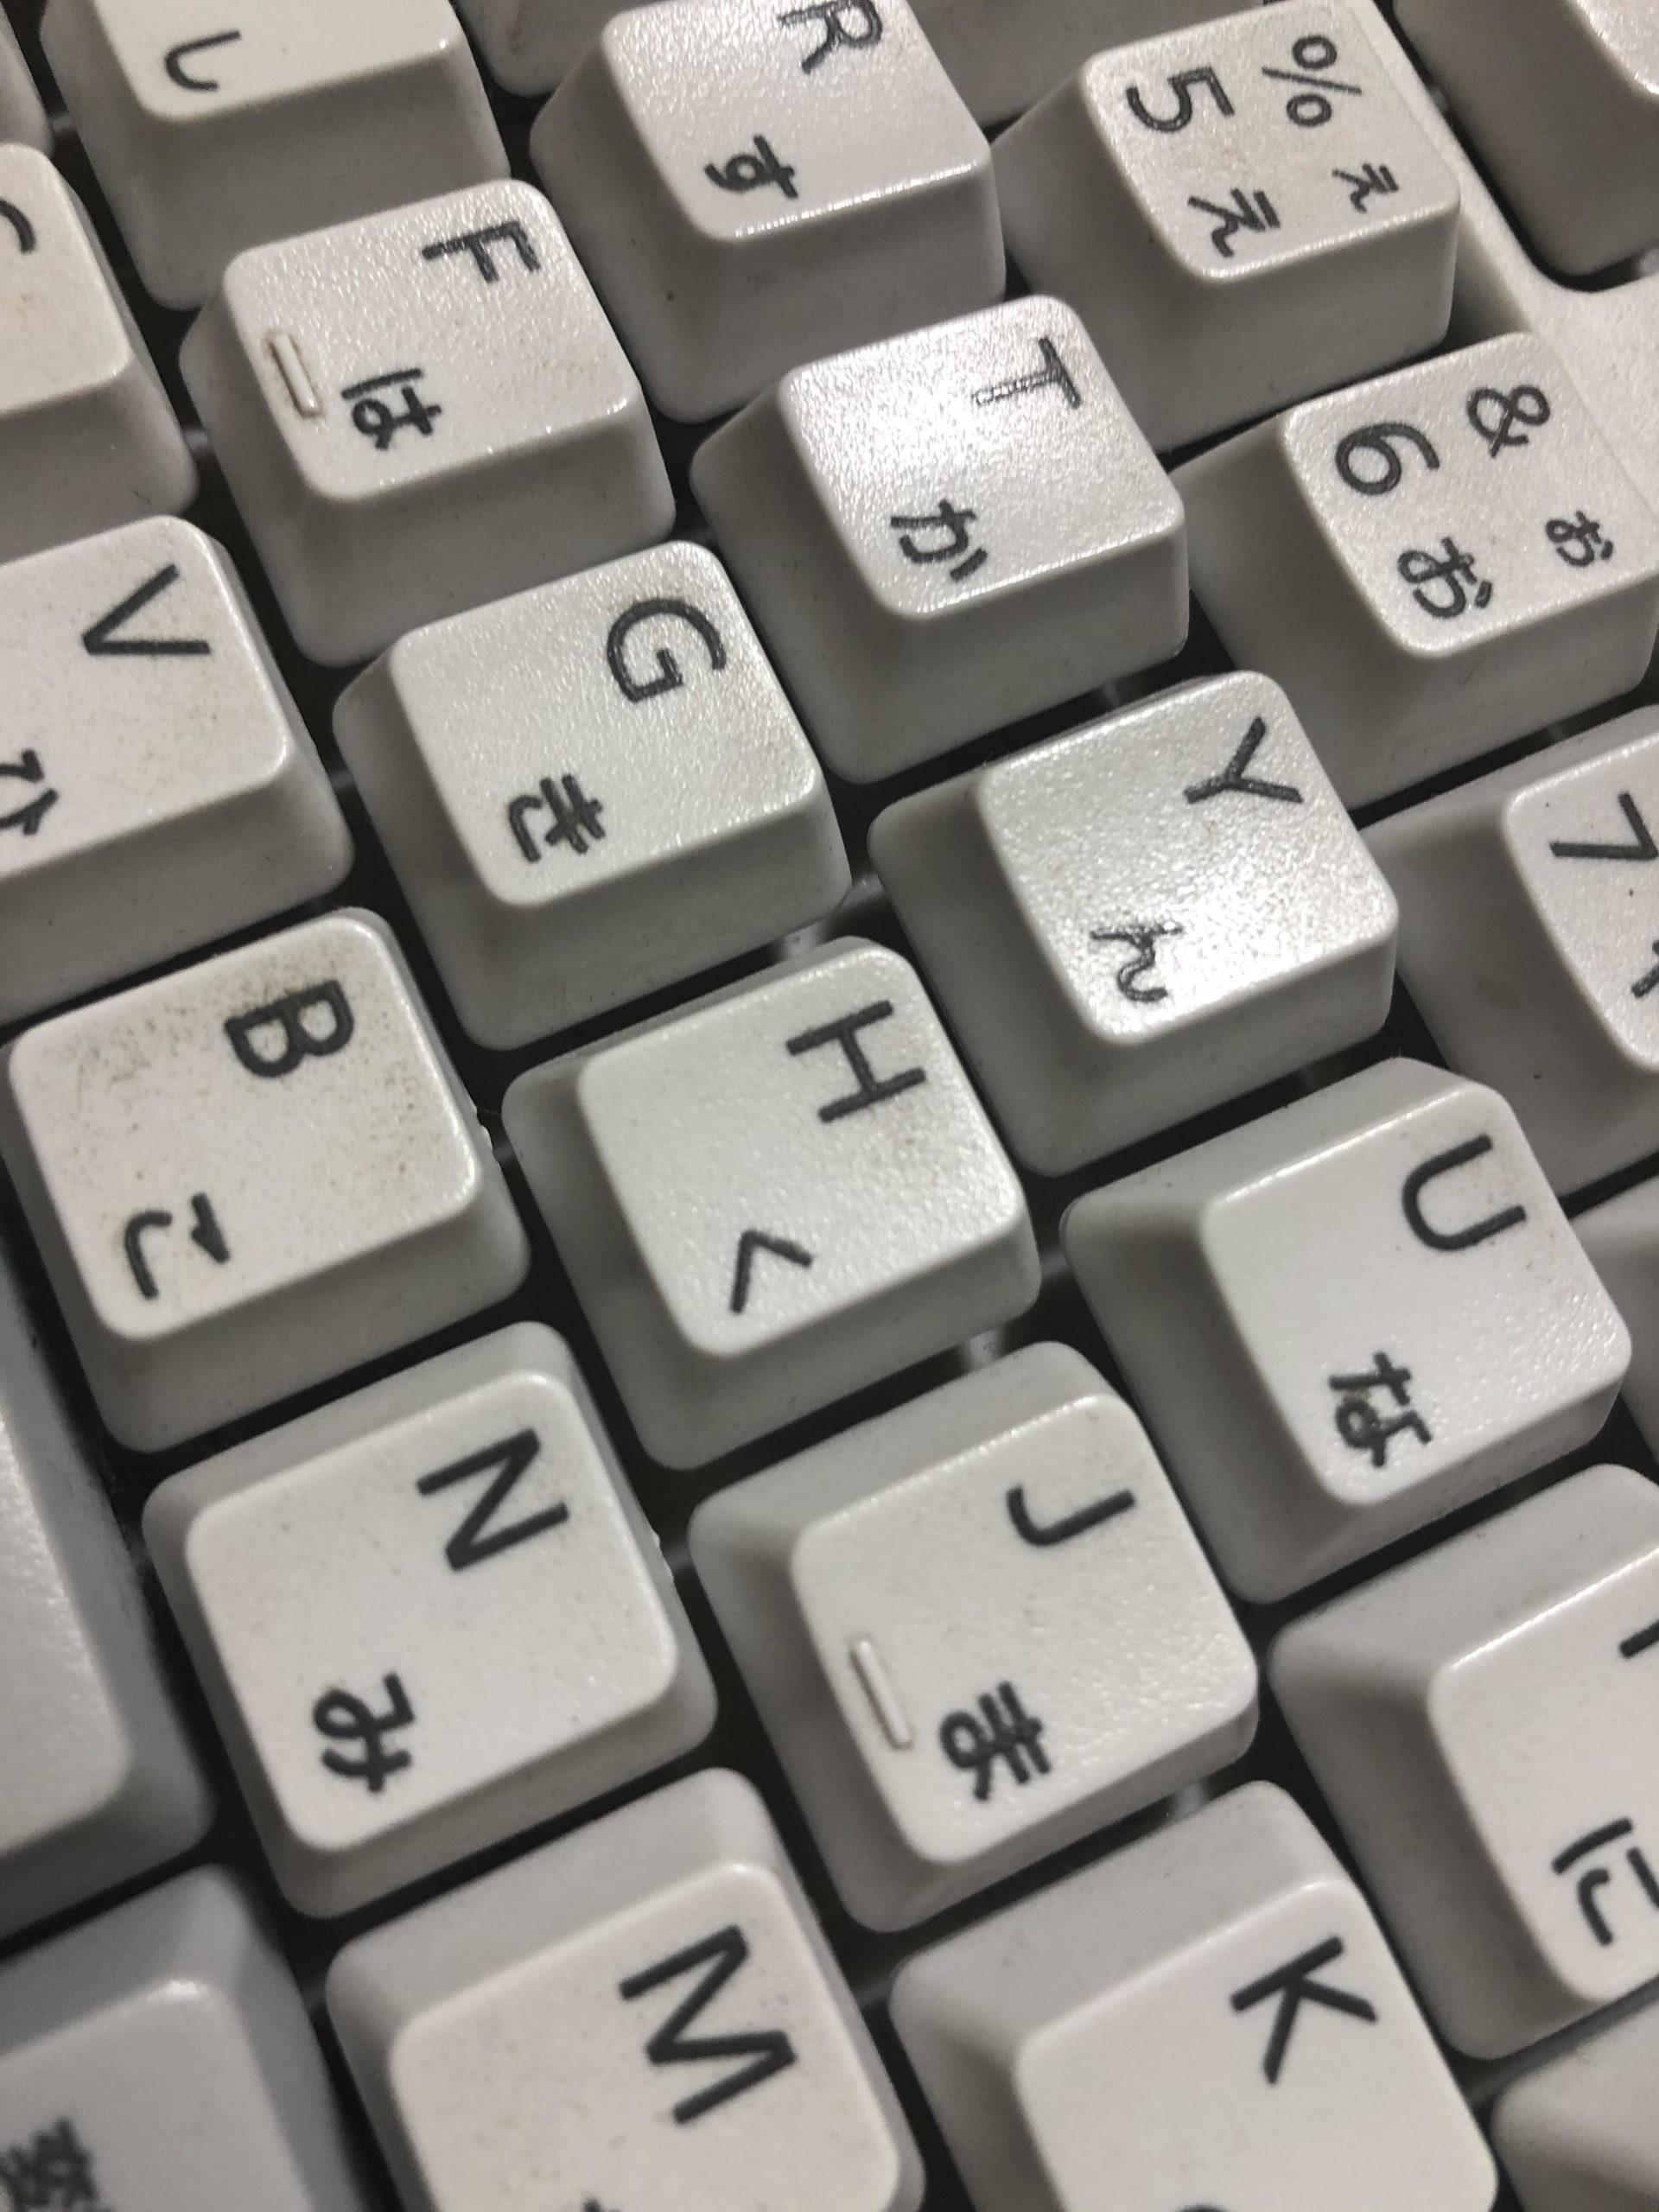 キーボードにはFとJに目印が付いている